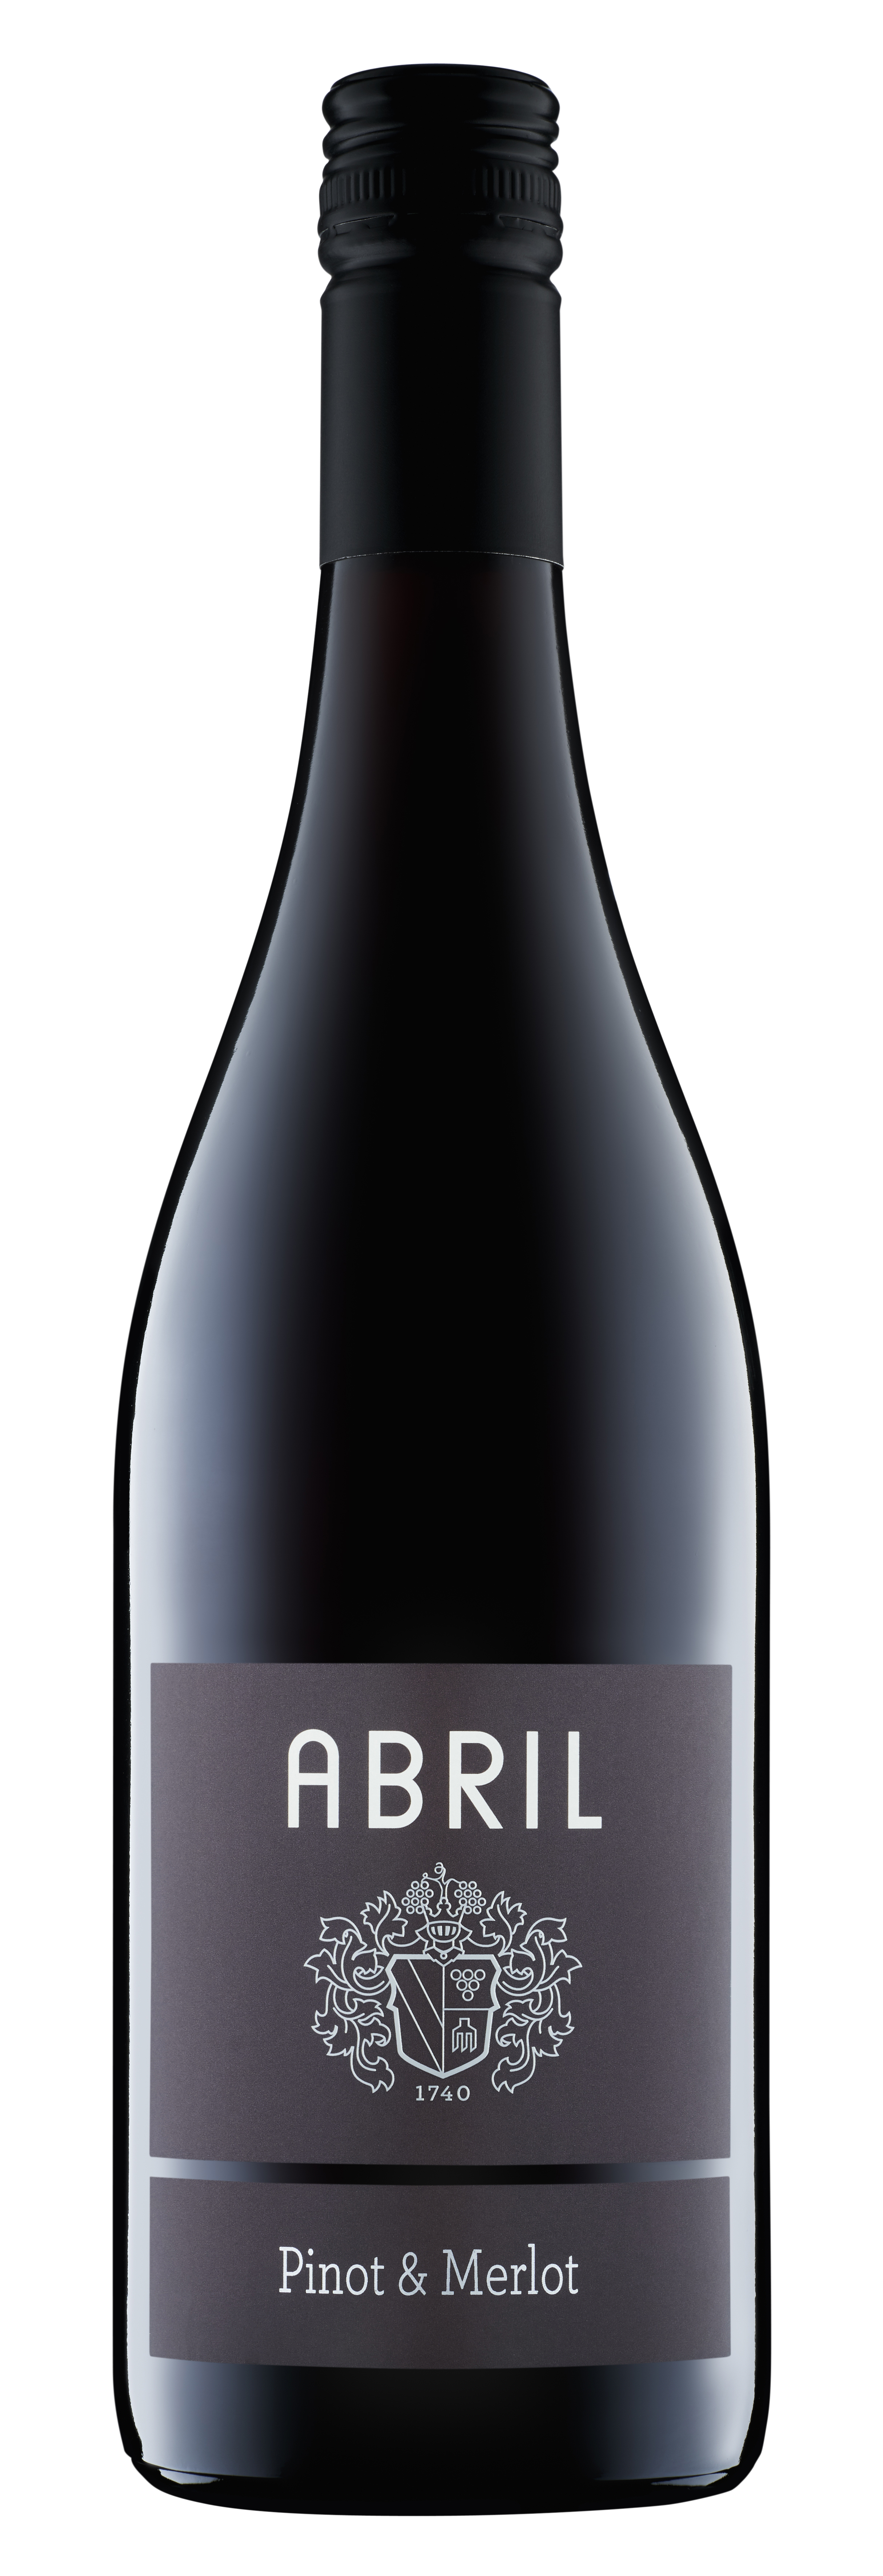 2019 Pinot & Merlot